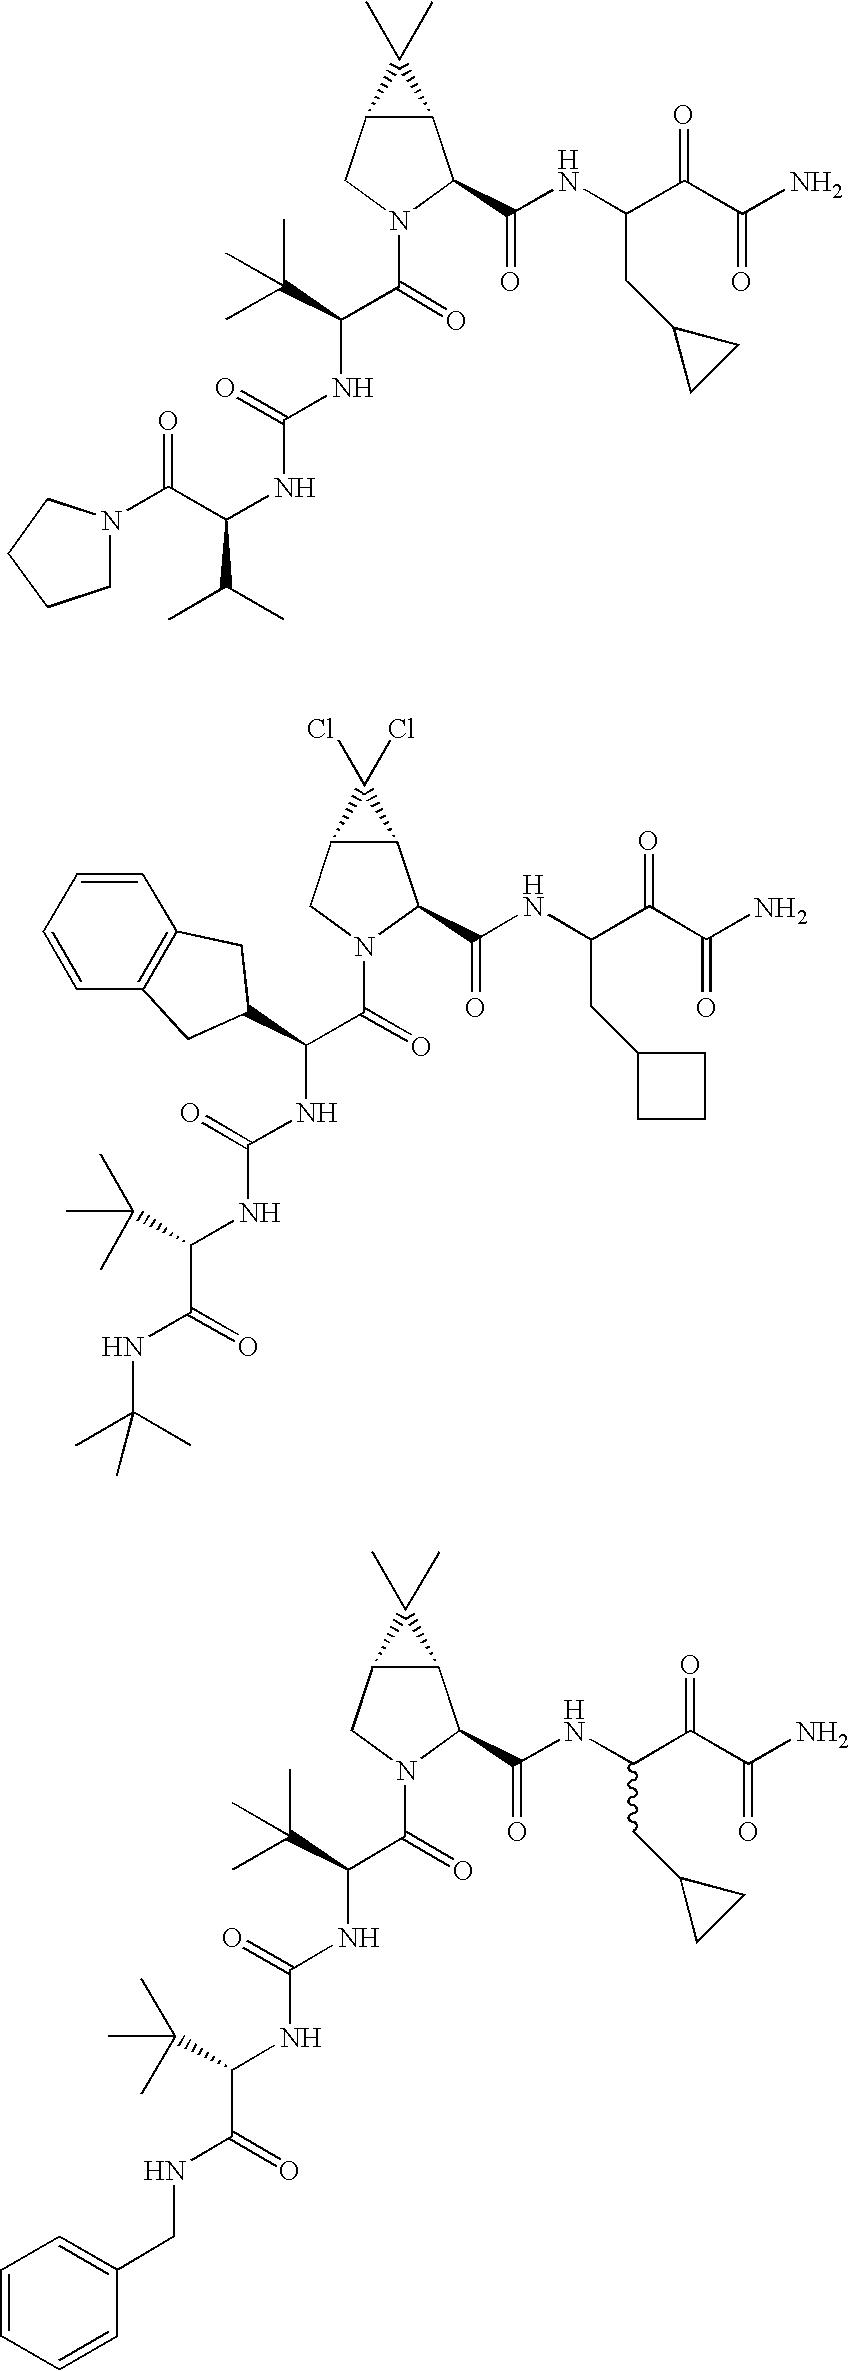 Figure US20060287248A1-20061221-C00322